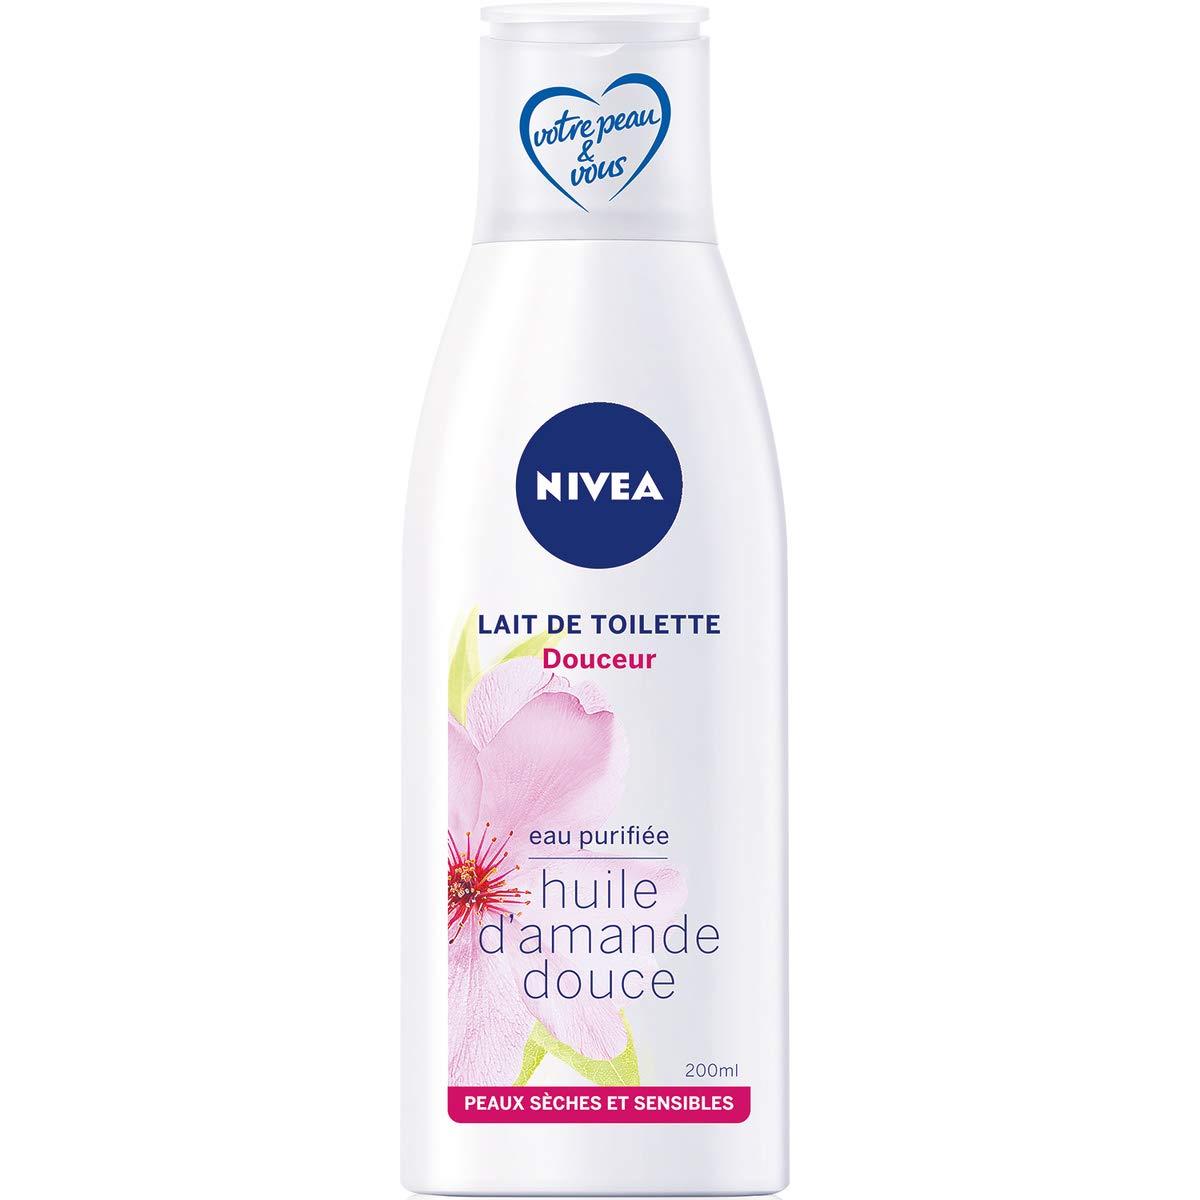 NIVEA Lait Douceur Peaux Sèches 200 ml - Lot de 2 811030540008